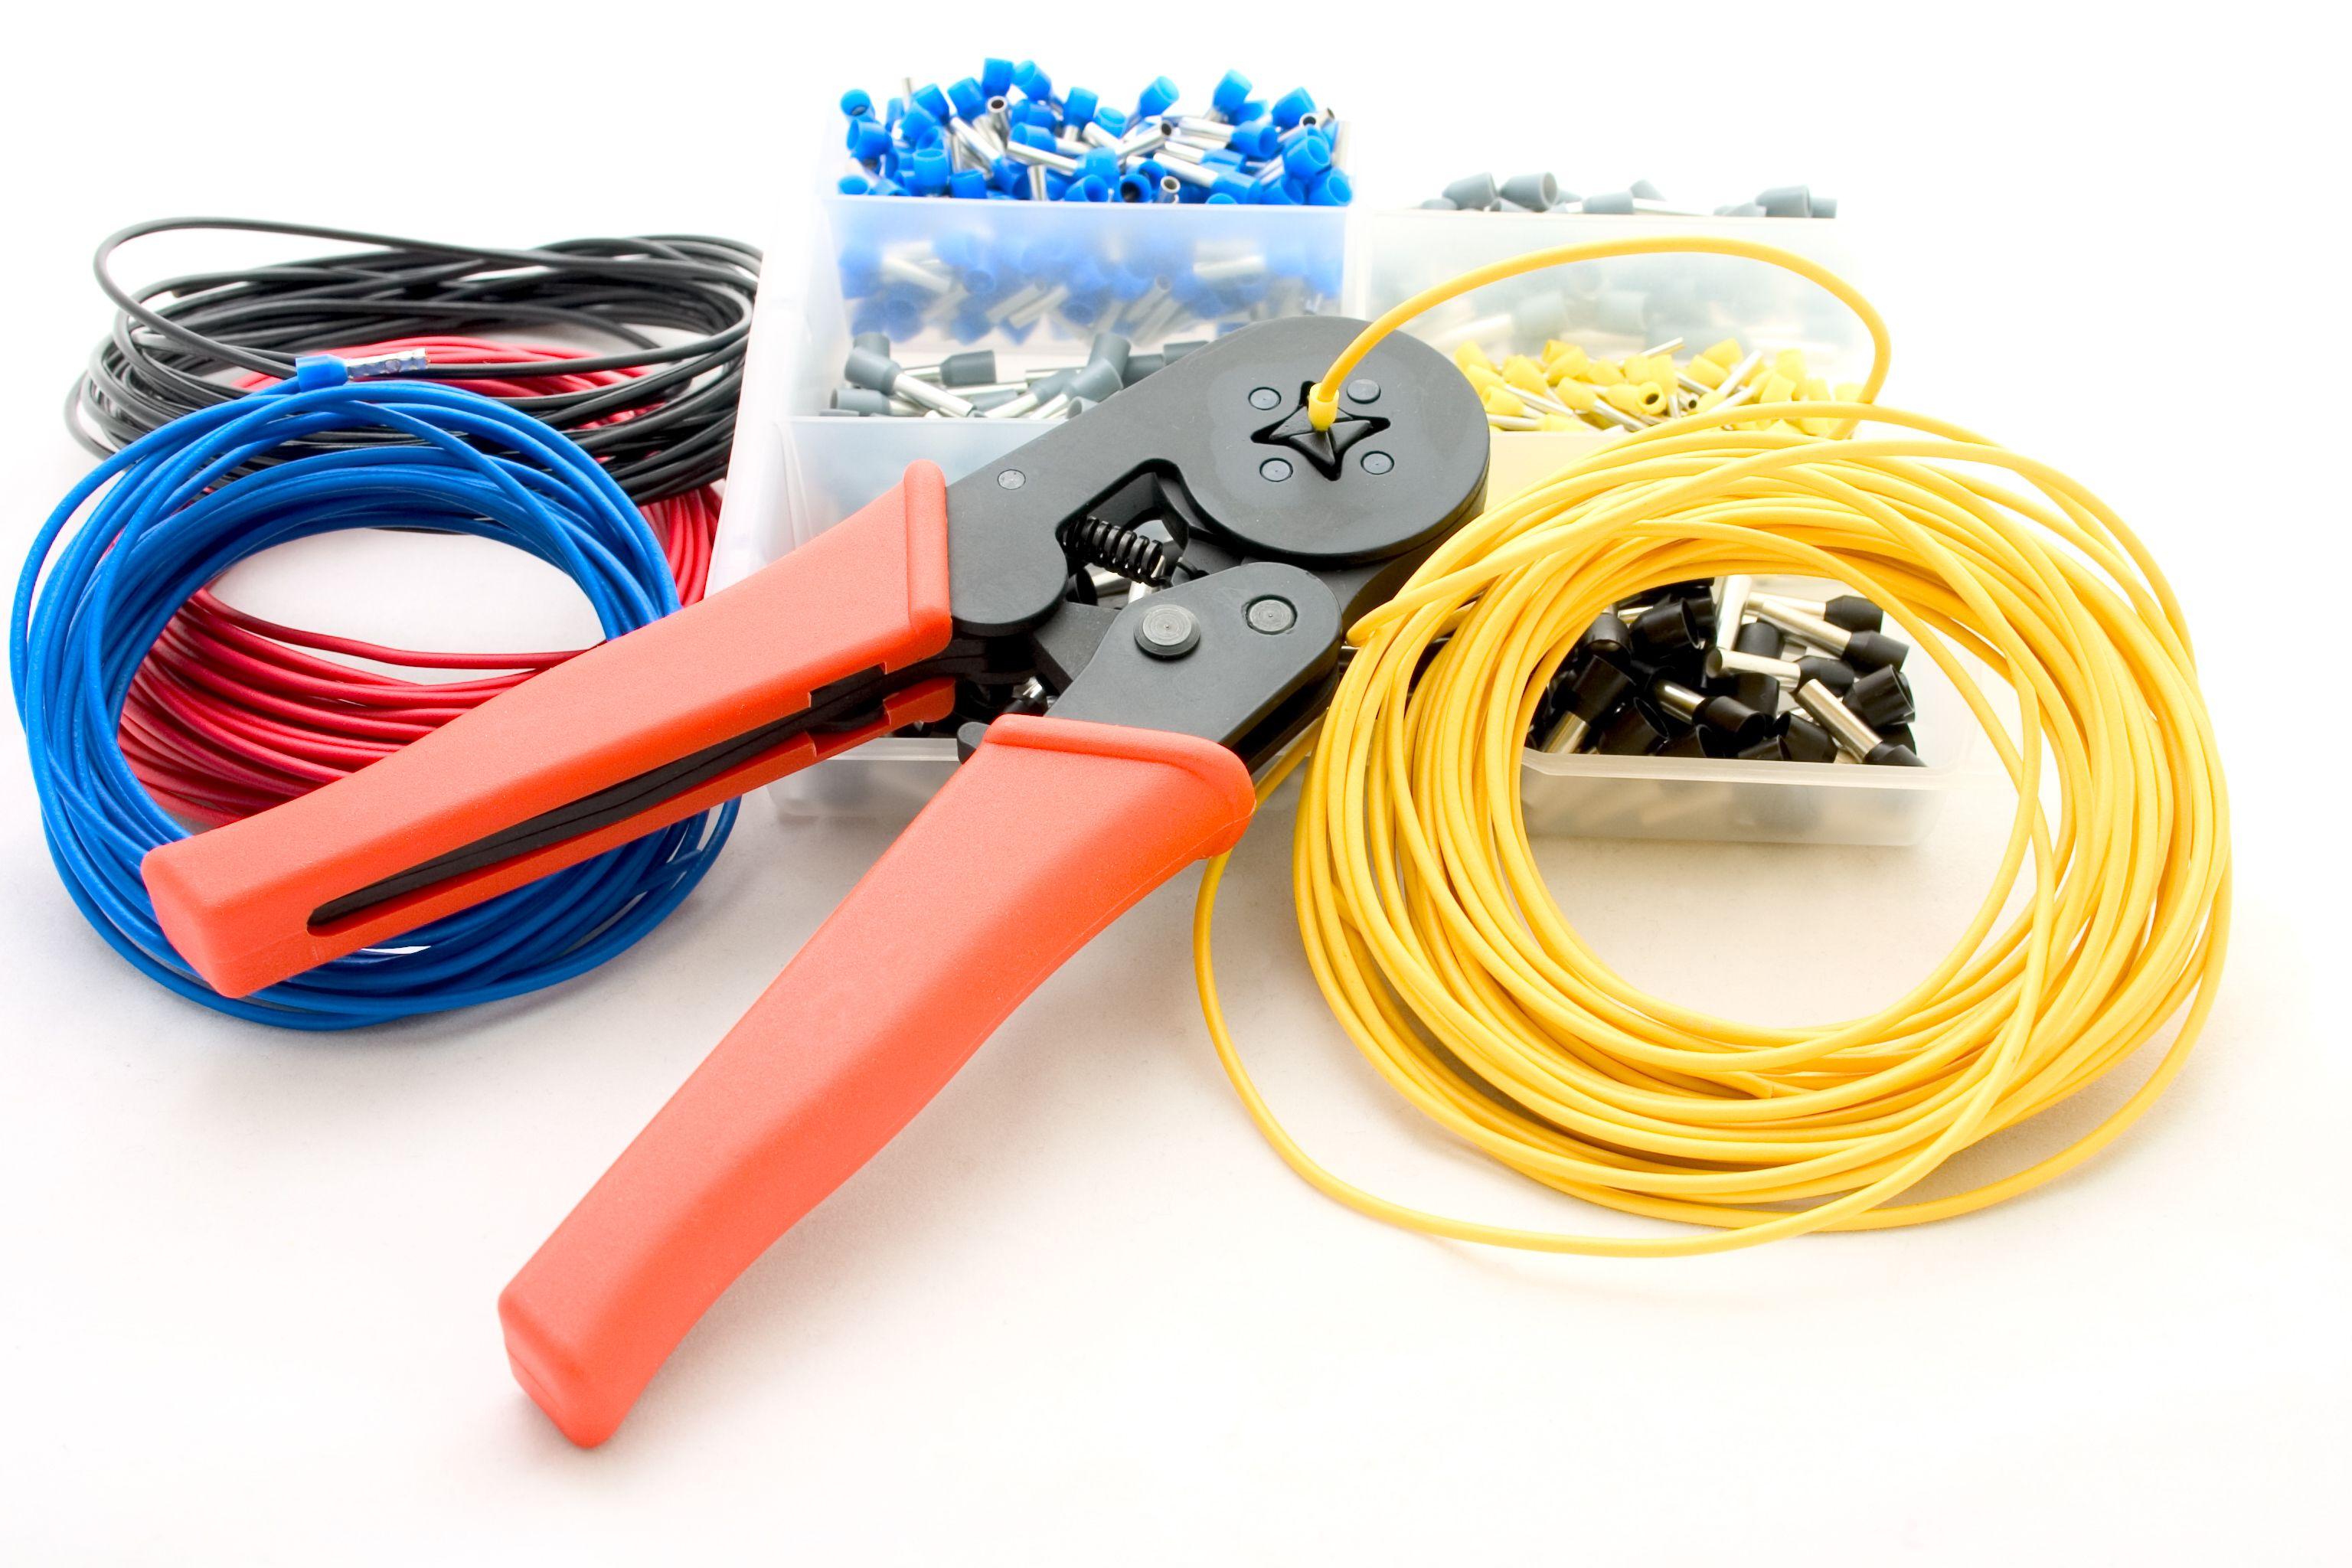 Instalación y mantenimiento eléctrico: Servicios de Tècnics Instal·lacions